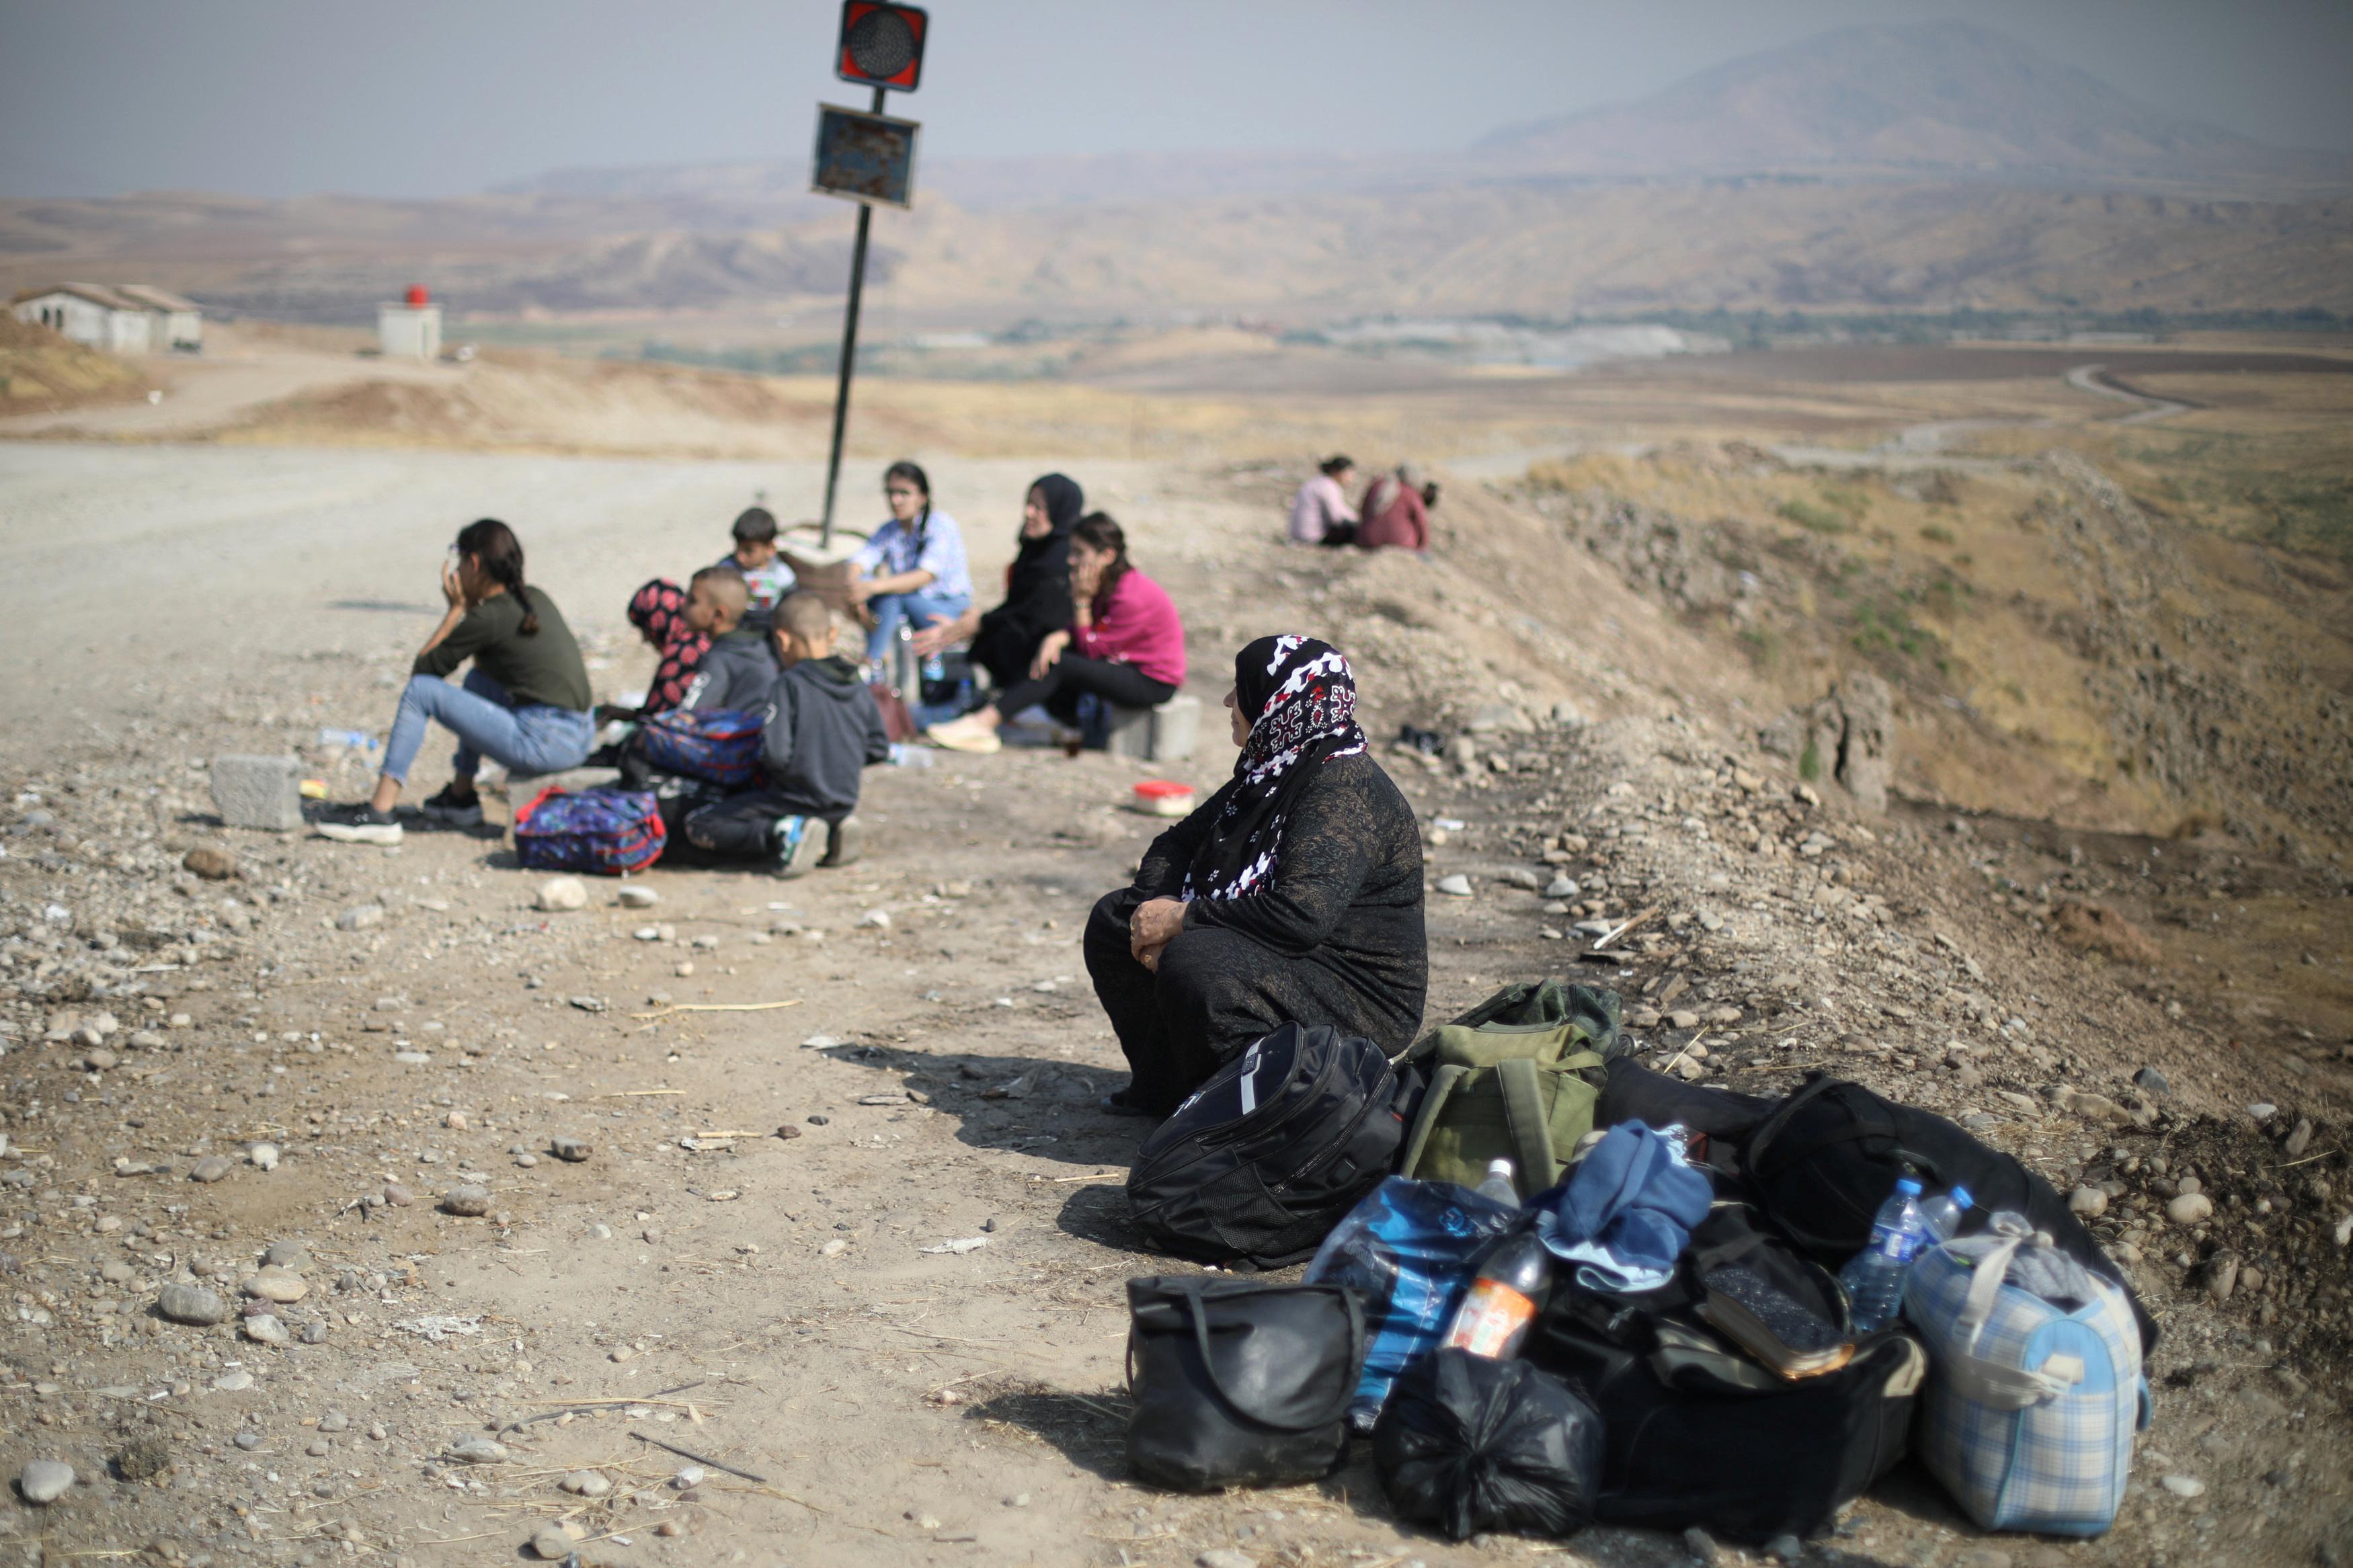 Τελικά... έγινε του Ερντογάν - Αποχώρησαν οι Κούρδοι από την Βορειοανατολική Συρία με την βοήθεια ΗΠΑ - Ρωσίας